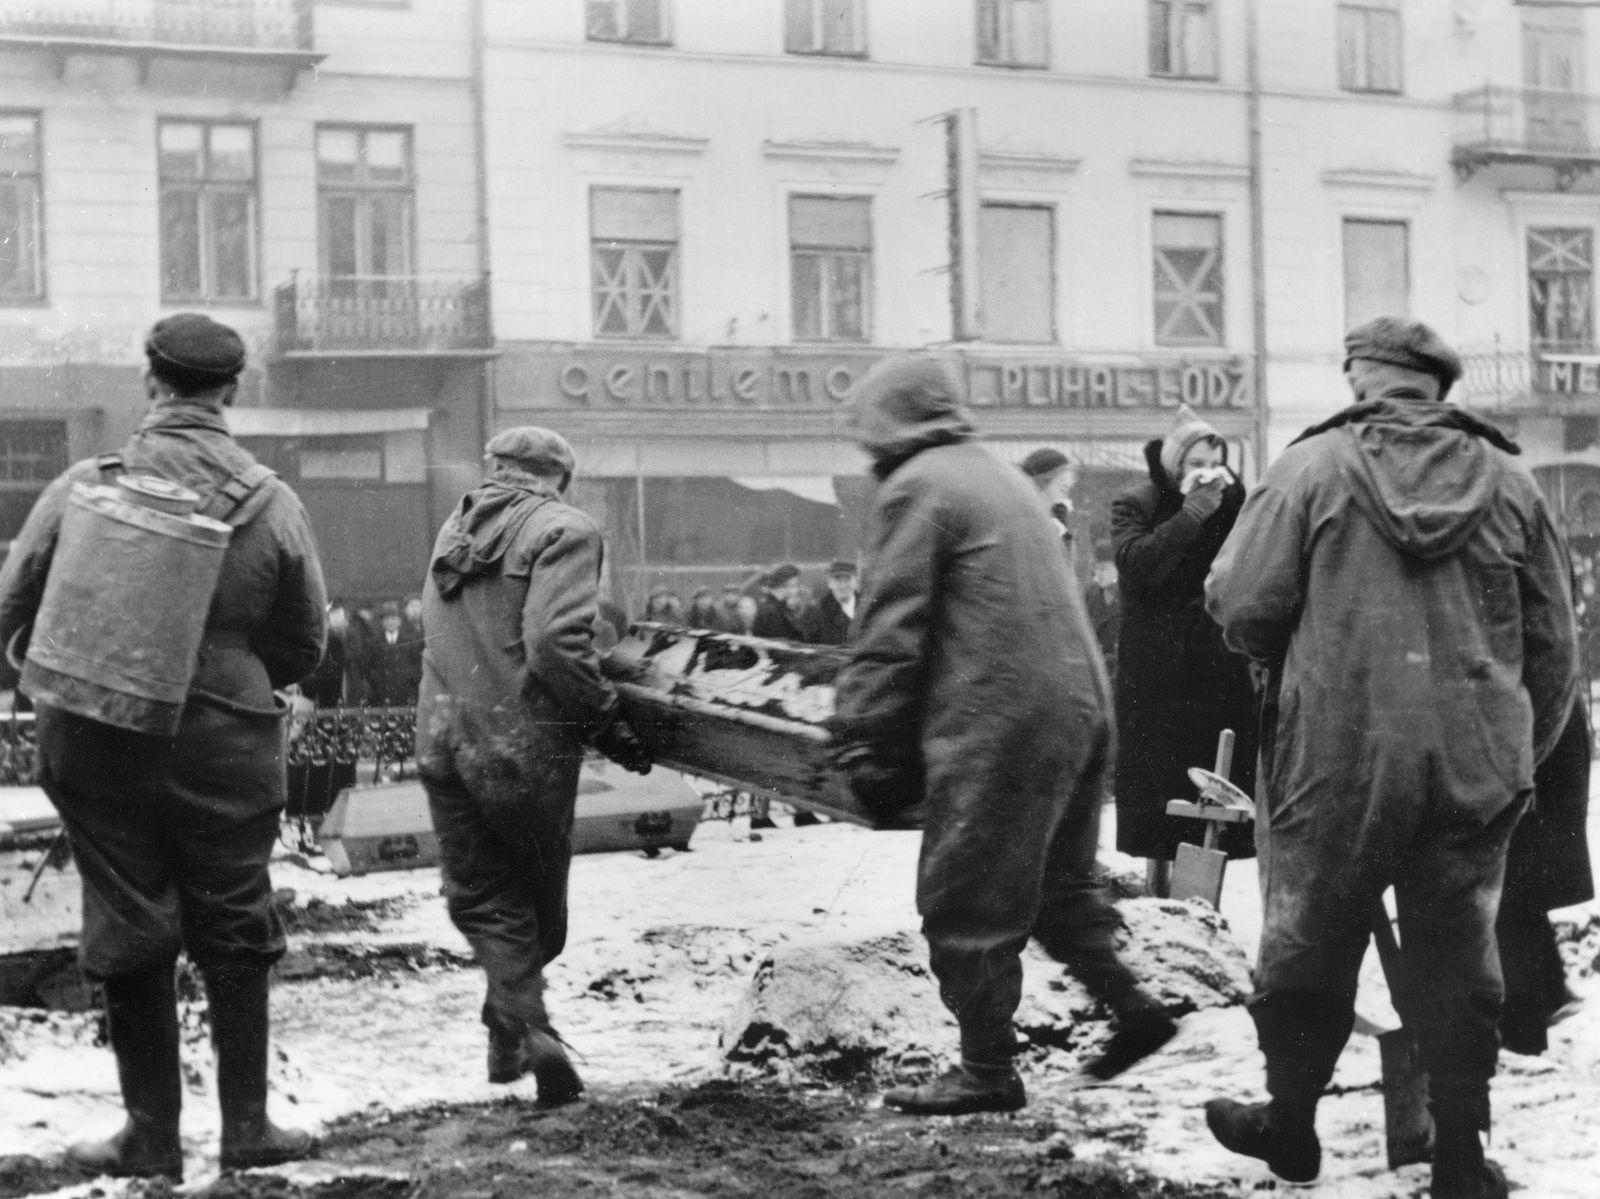 Fleckfieber-Epidemie in Warschau - die Särge werden in den Straßen beigesetzt